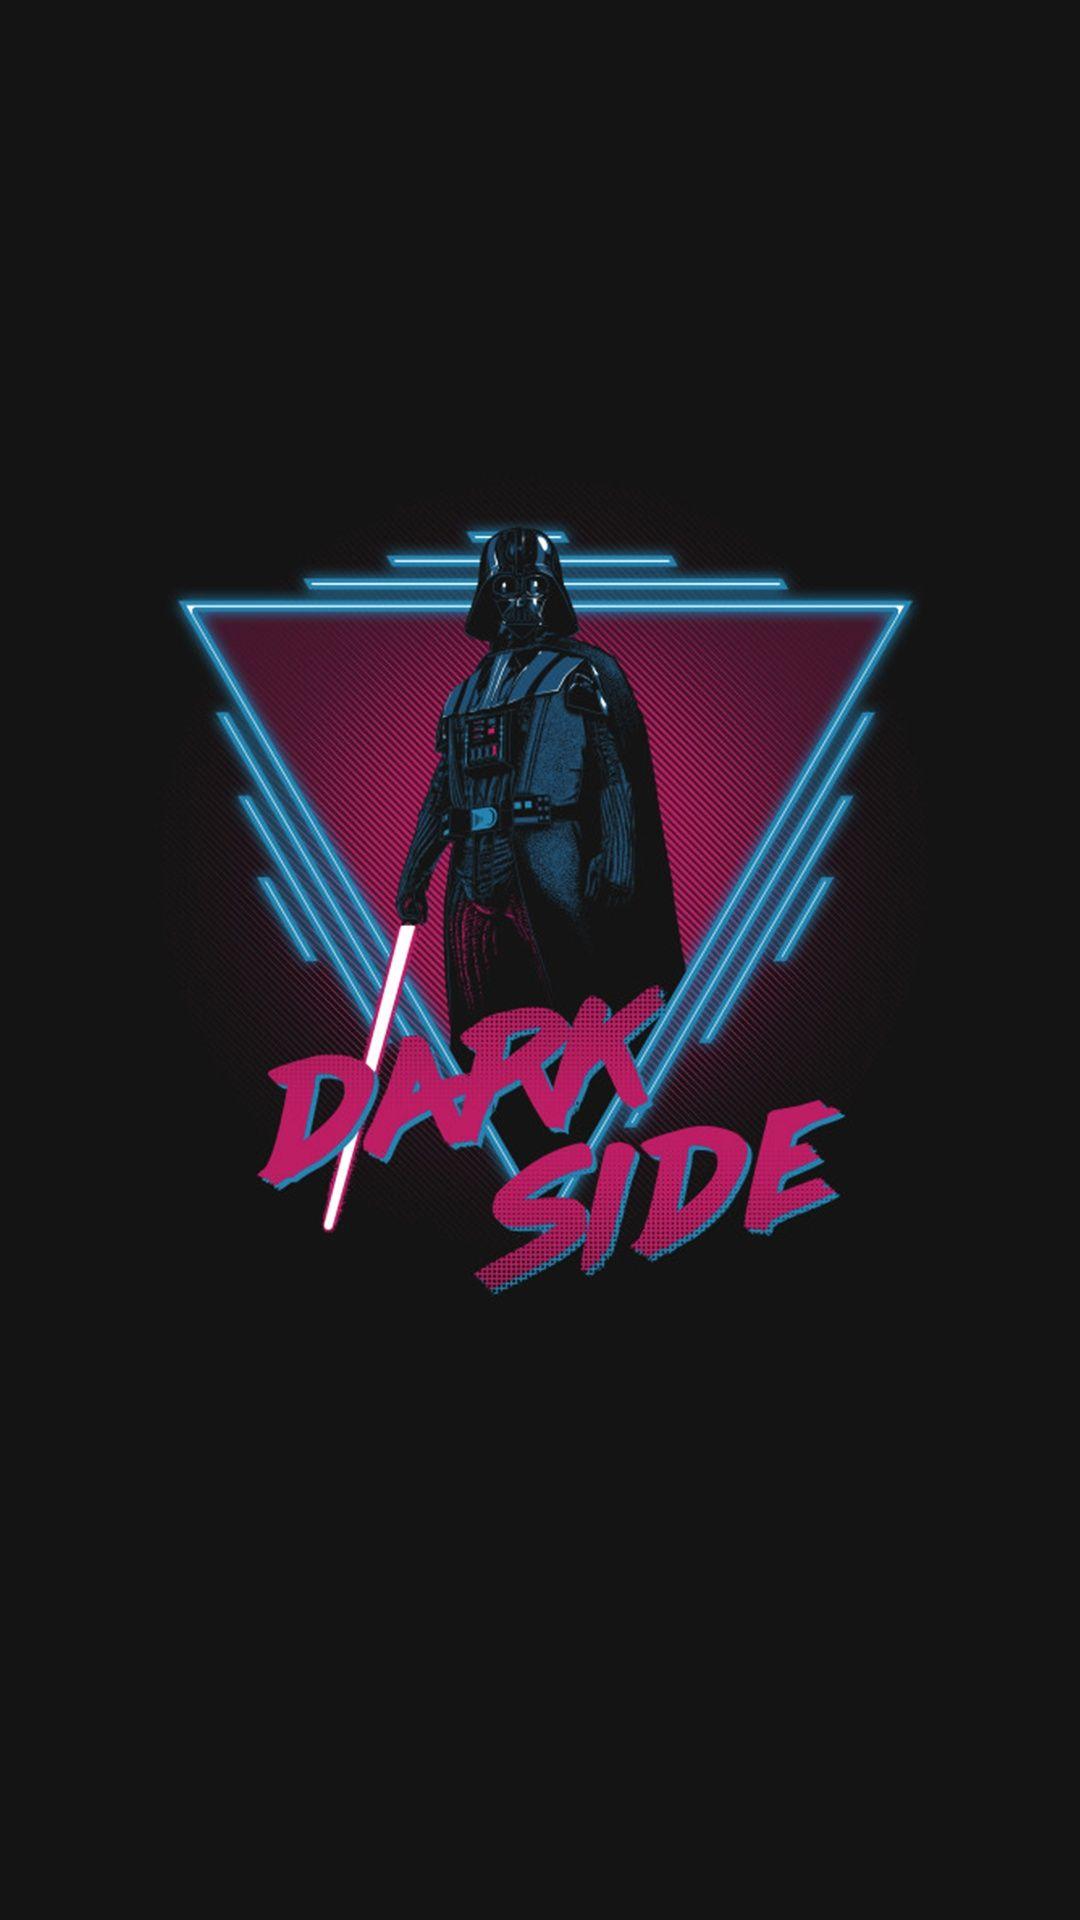 Darth Vader Amoled Wallpaper